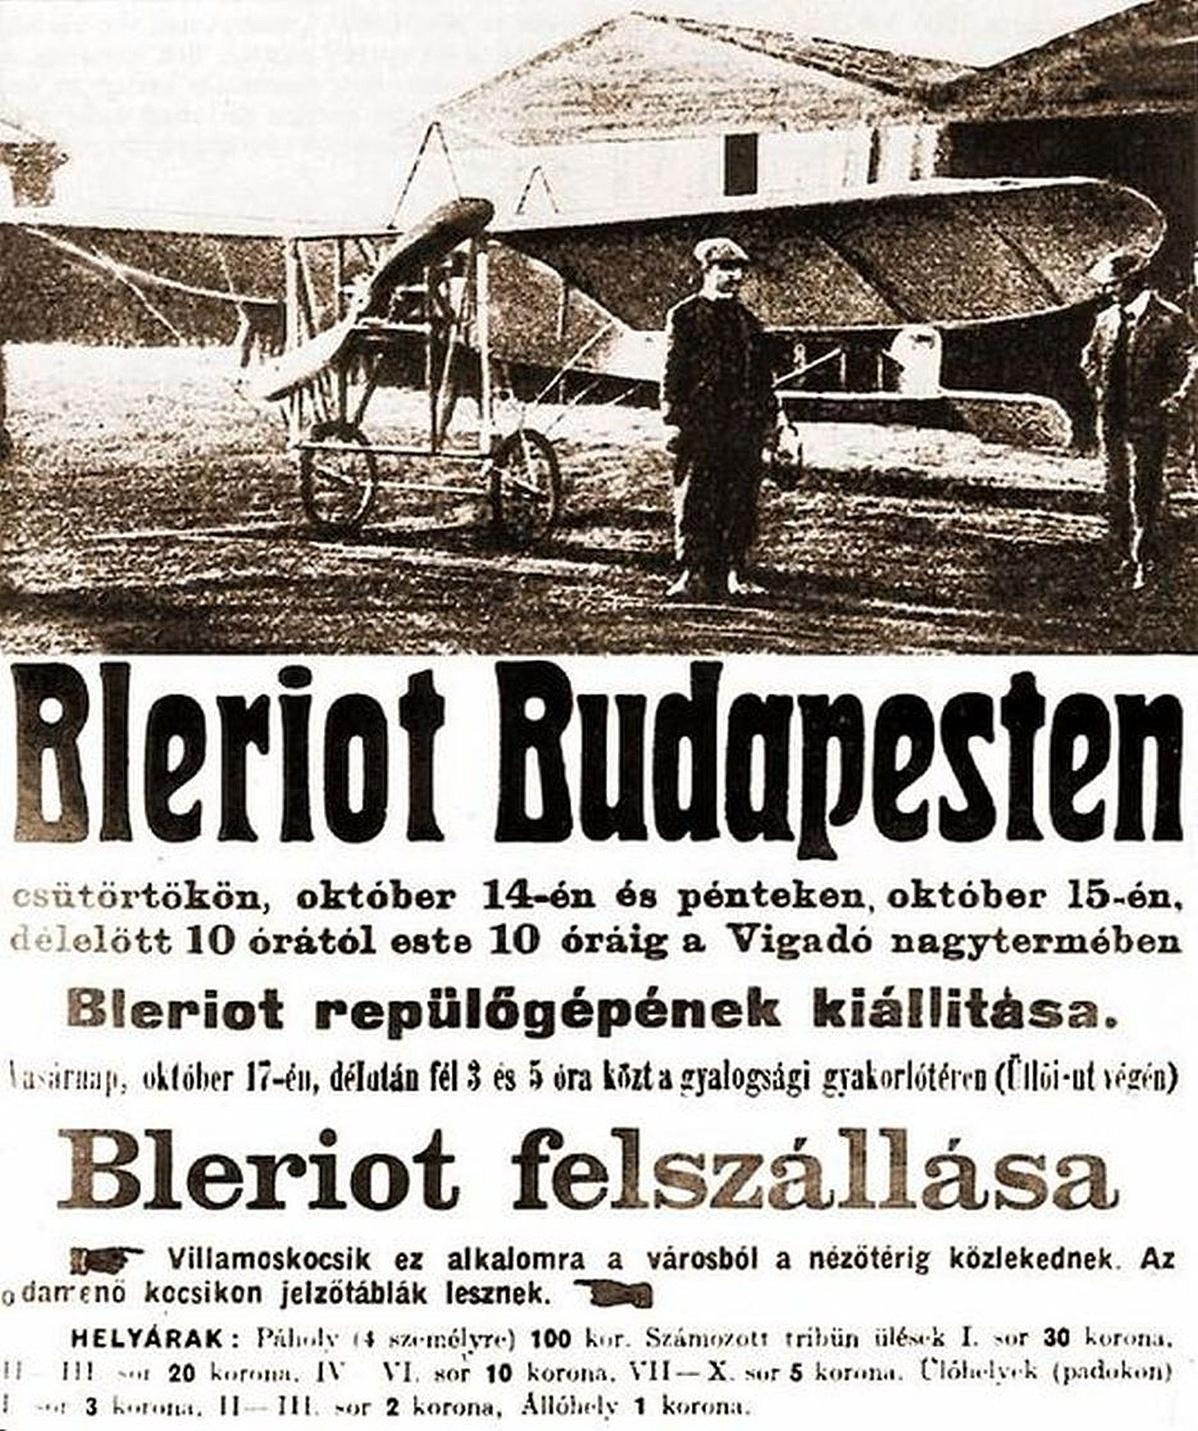 bleriot_budapesten_promo1-141834.jpg